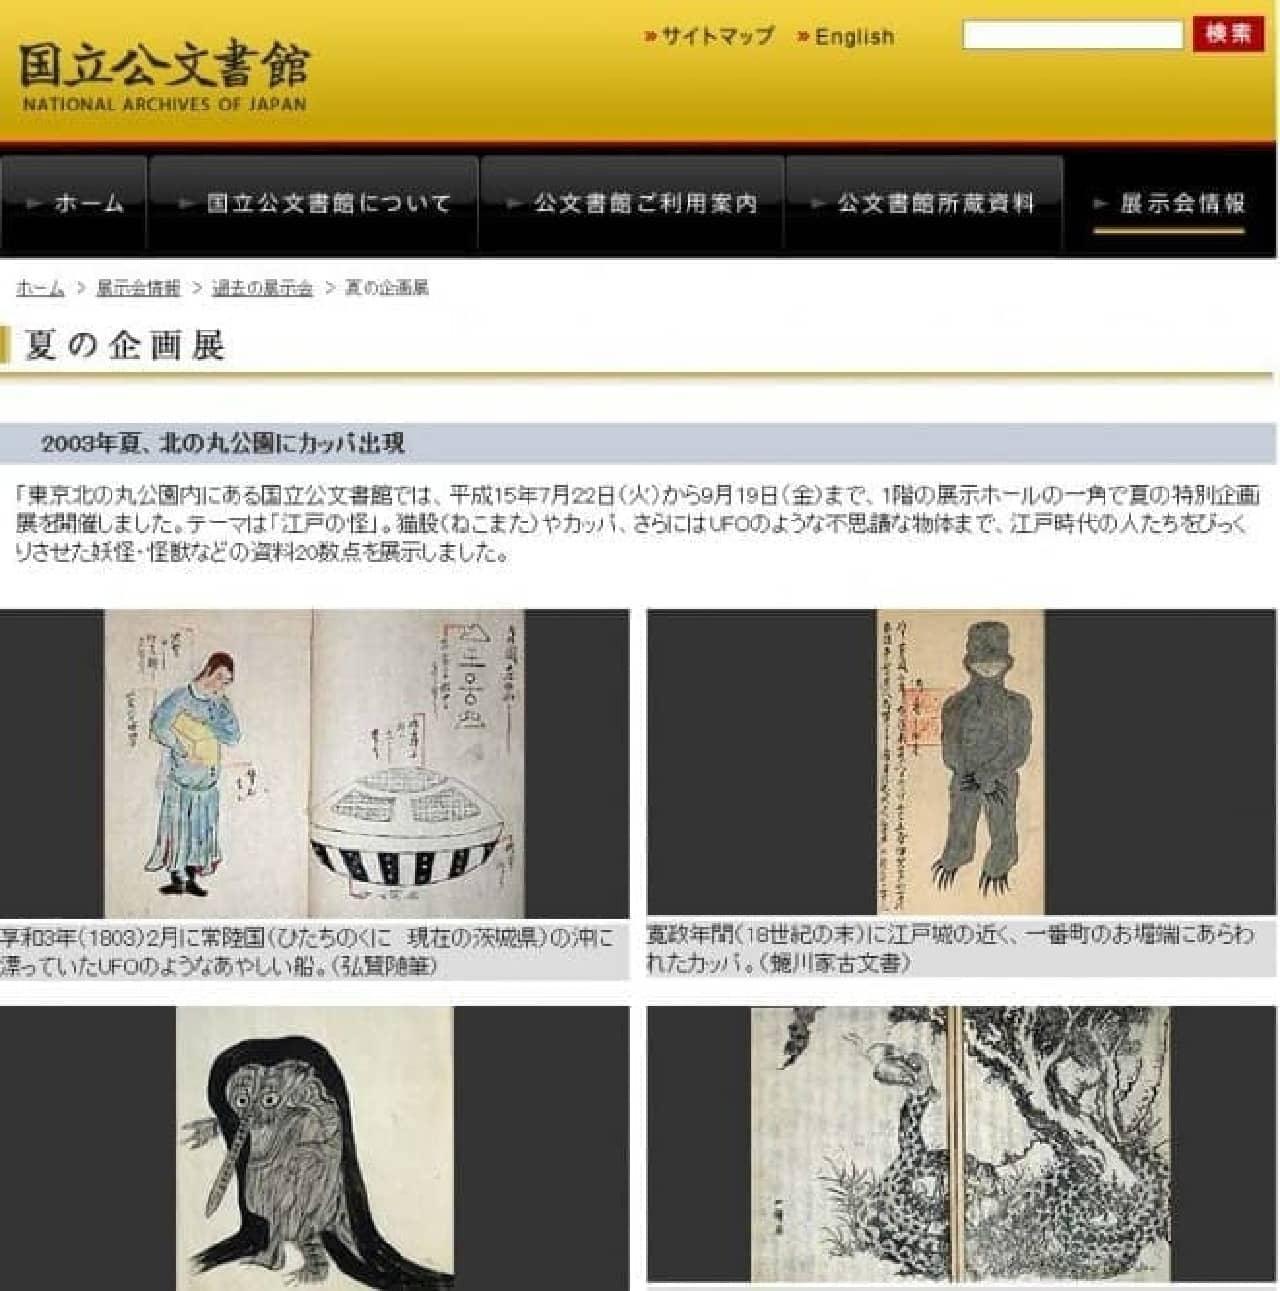 国立公文書館Webサイト「過去の展示会」アーカイブ